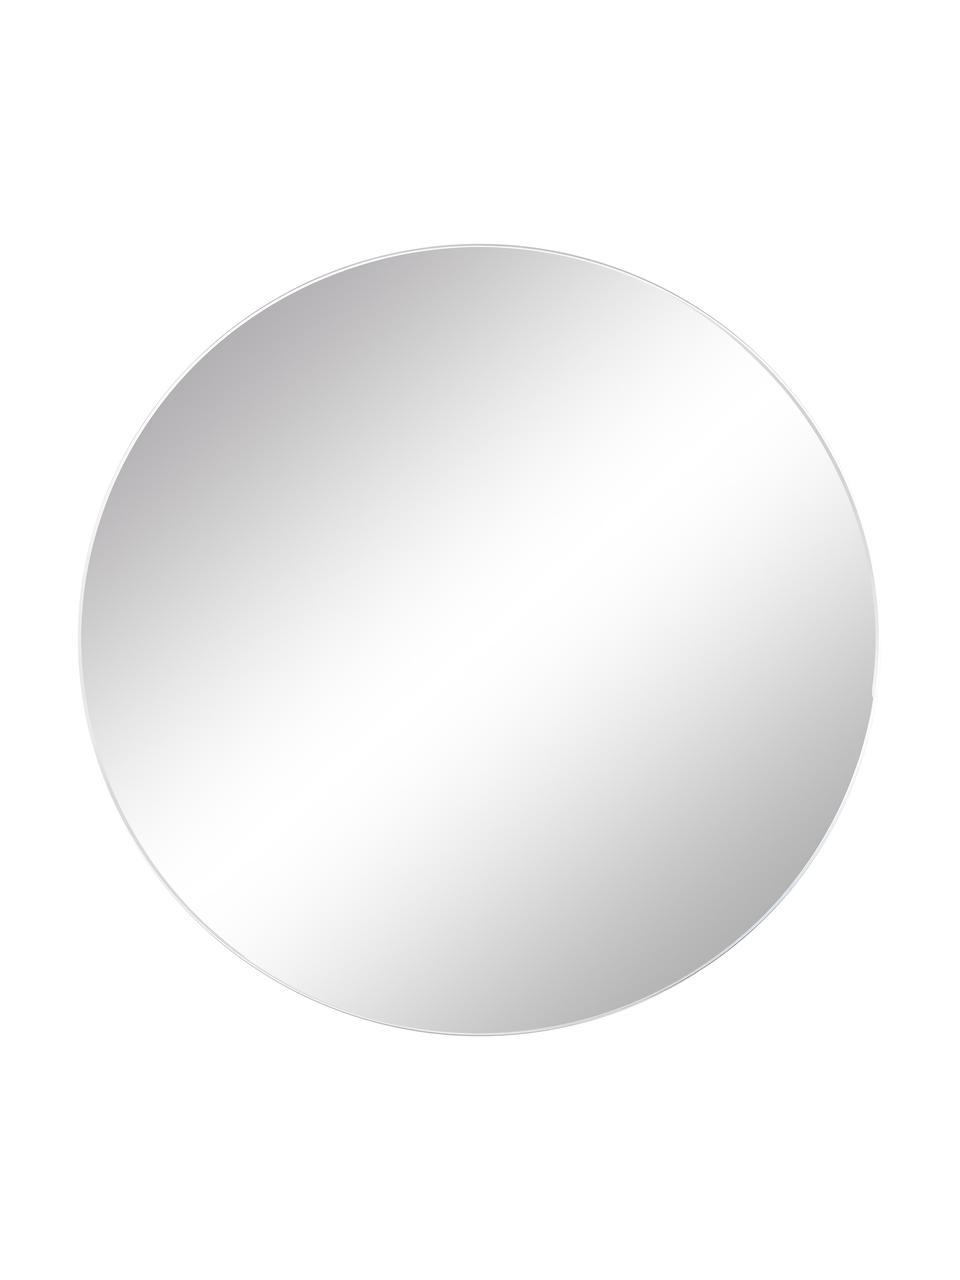 Lustro ścienne bez ramy Erin, Lustro: szkło lustrzane Zewnętrzna krawędź lustra: czarny, Ø 55 cm